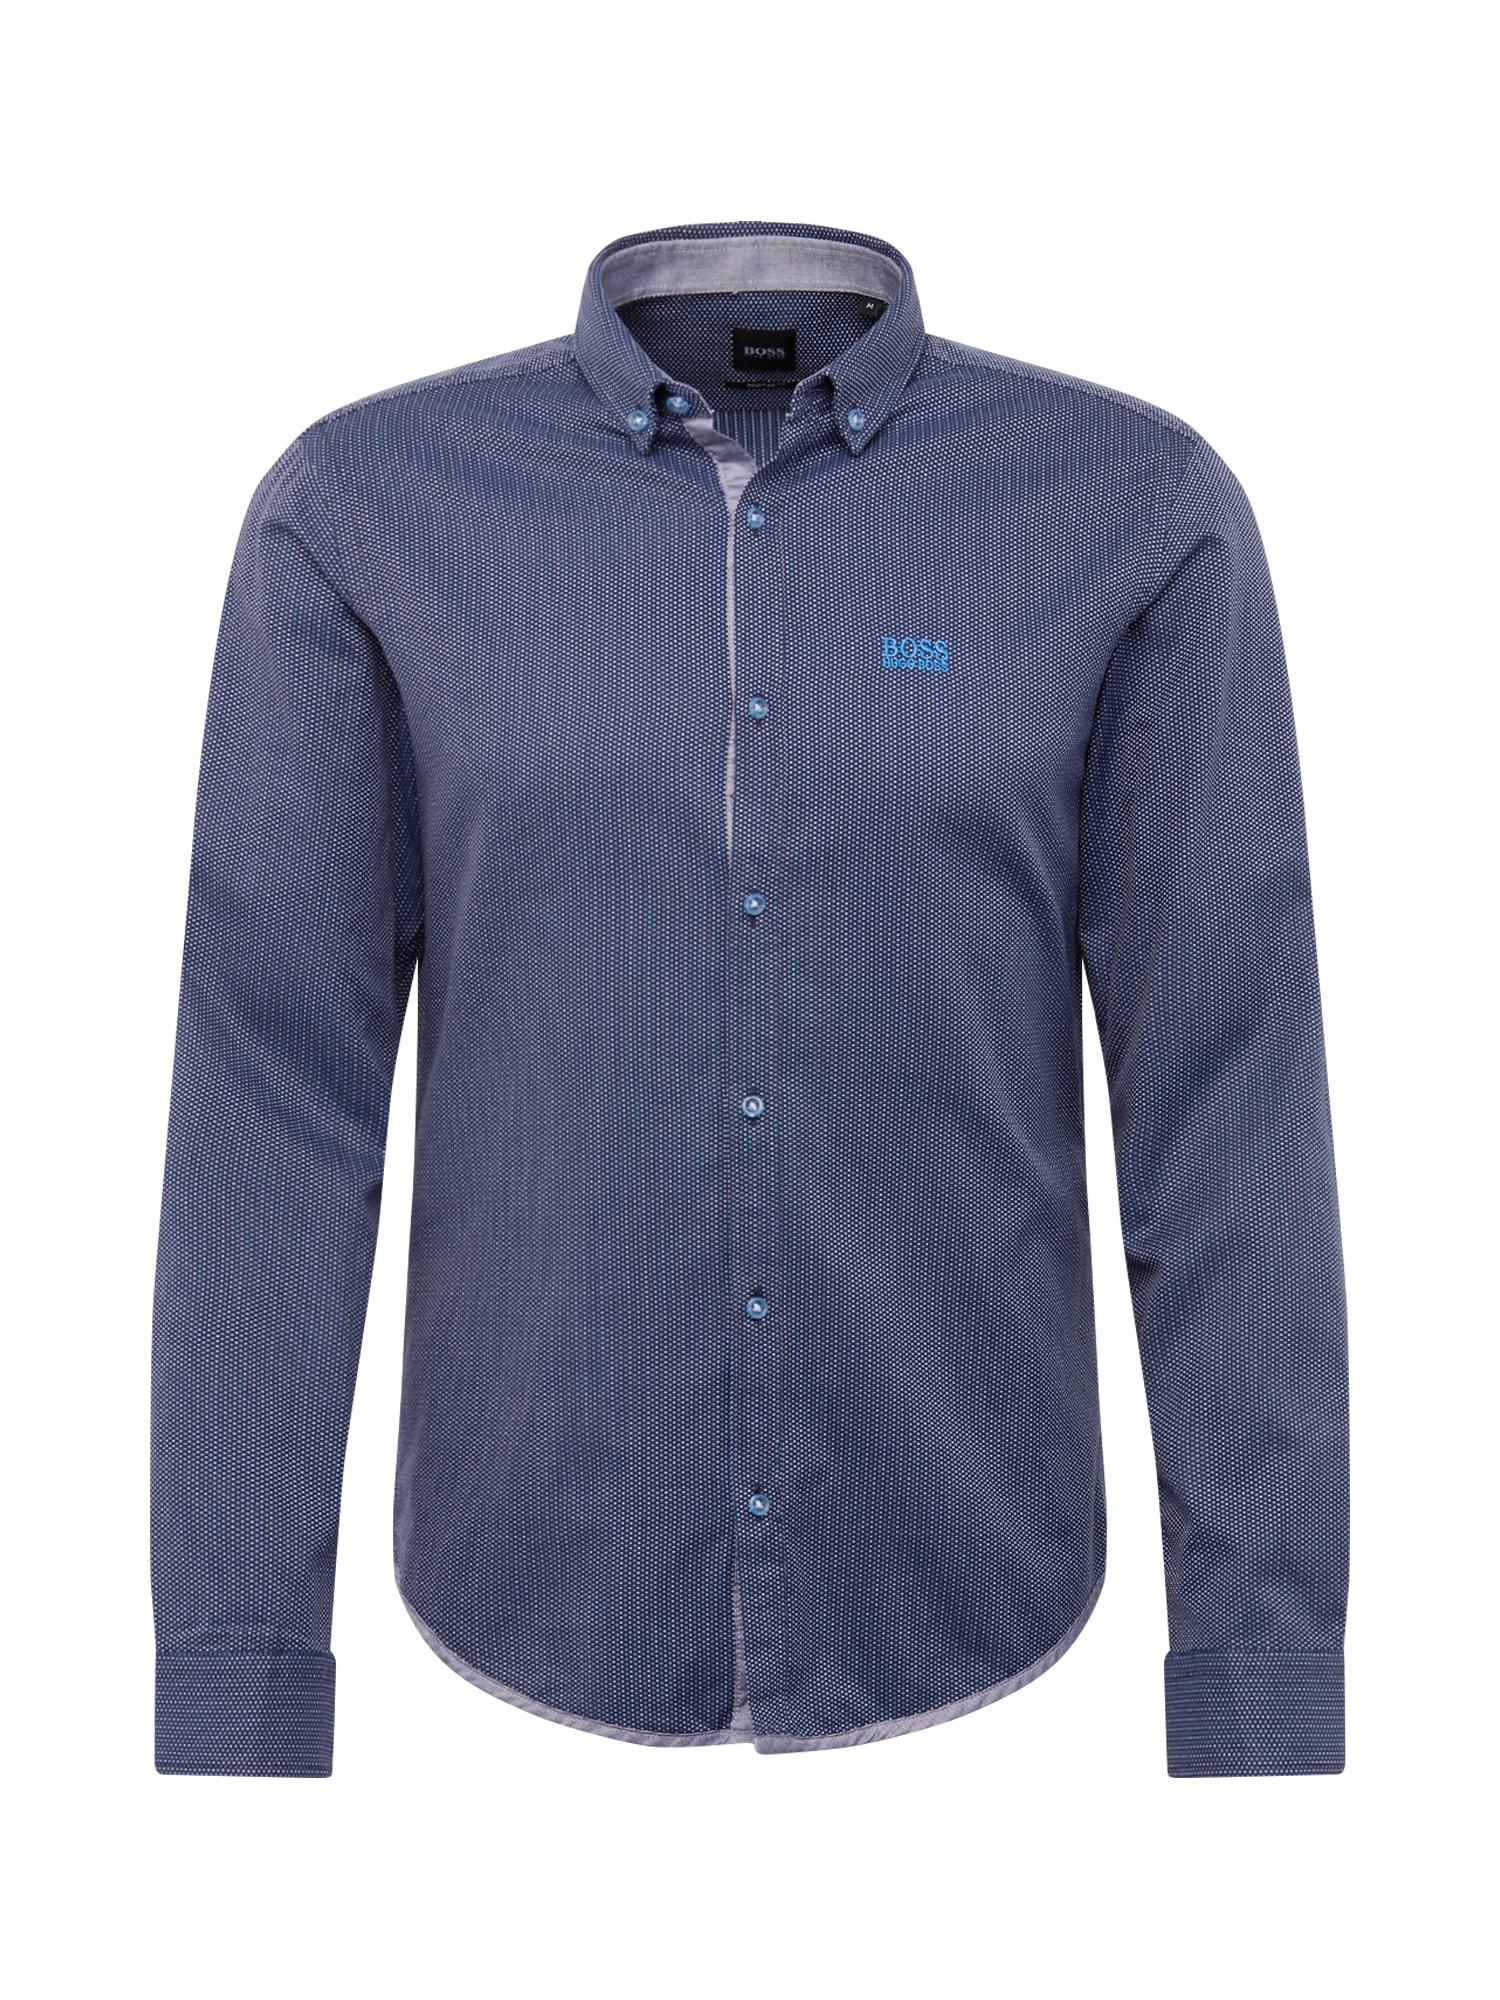 BOSS ATHLEISURE Dalykiniai marškiniai 'BIADO' mėlyna